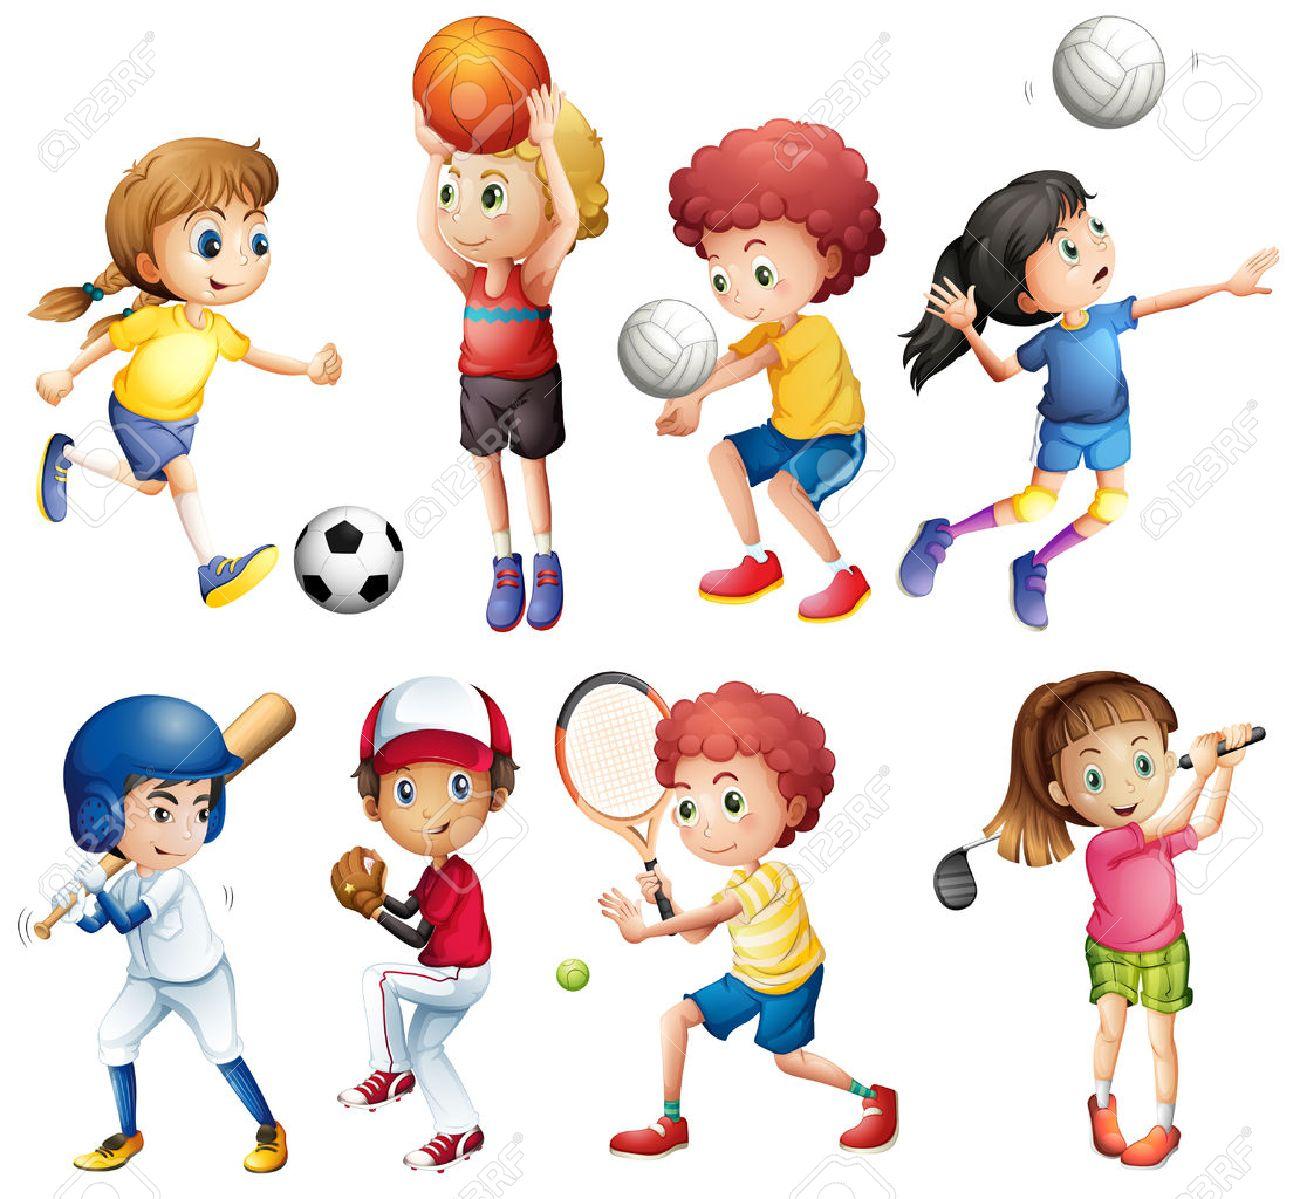 スポーツをやっている多くの子供たちのイラスト ロイヤリティフリー